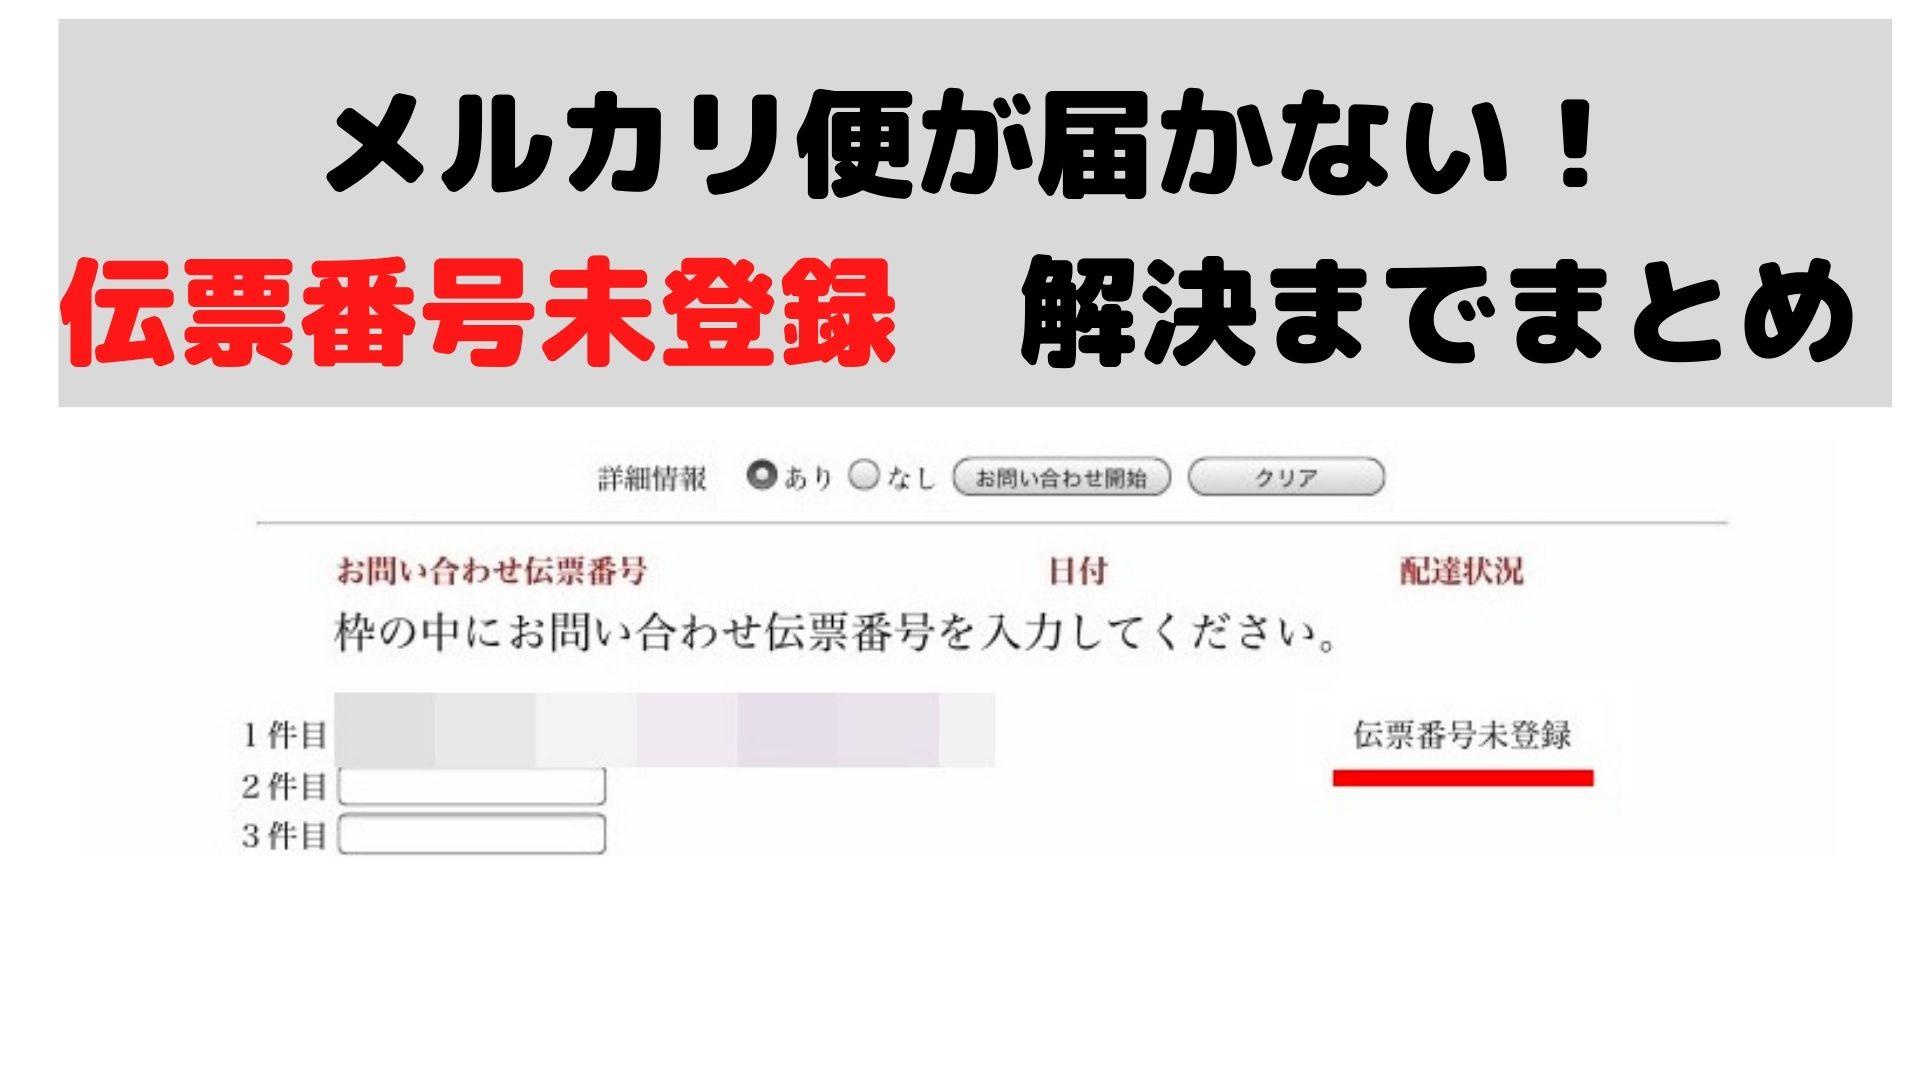 メルカリ便が届かない【伝票番号未登録】